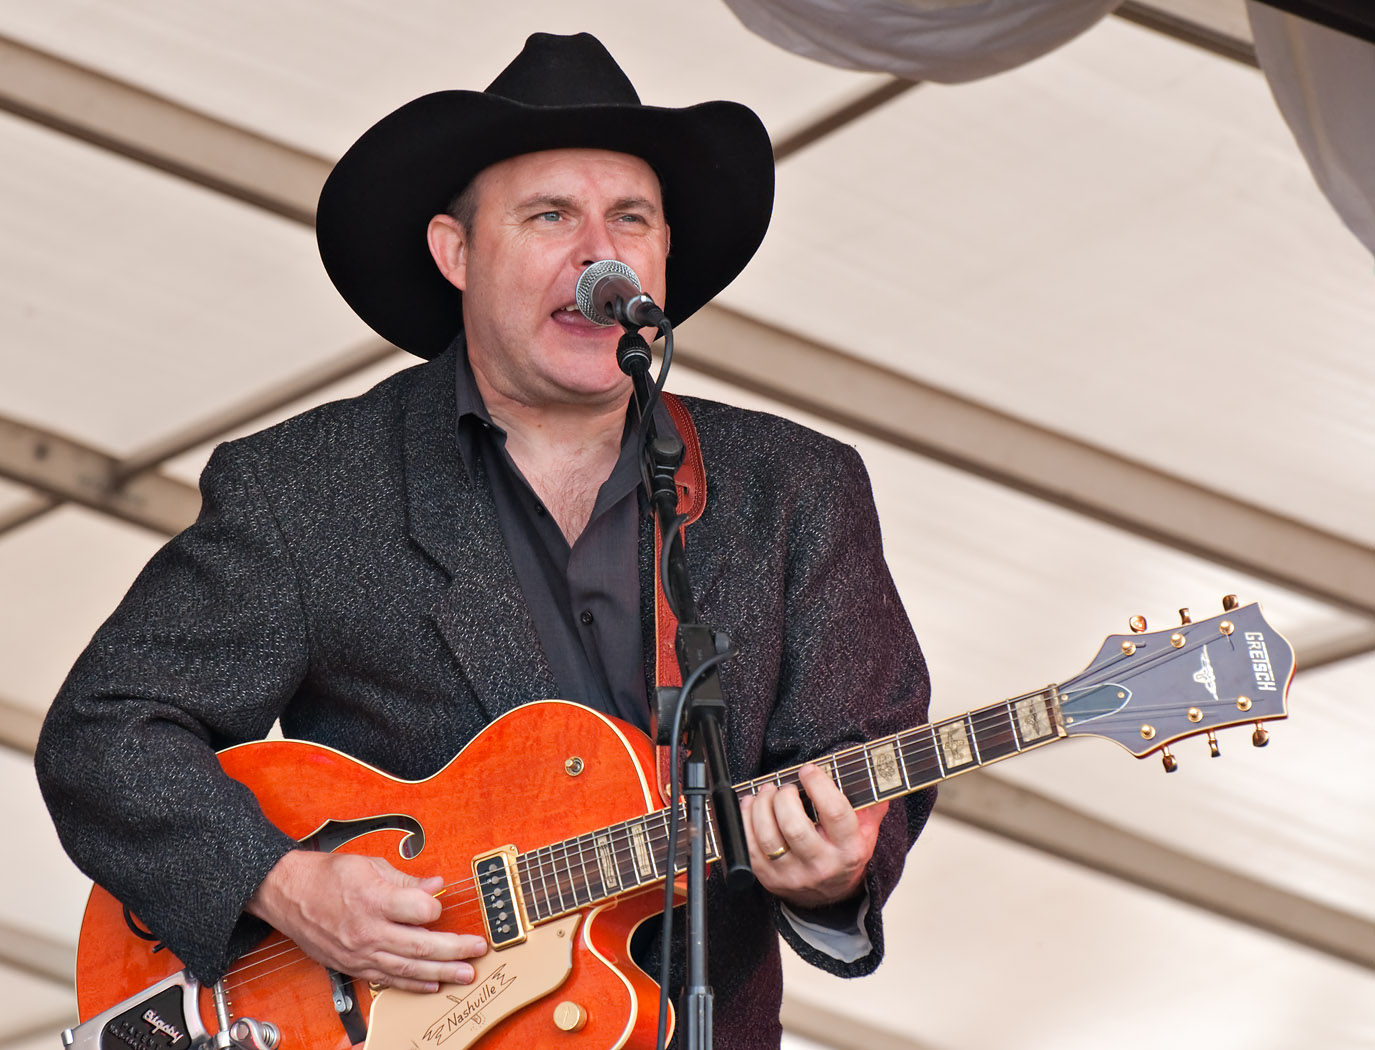 Dave shoots band at White Waltham